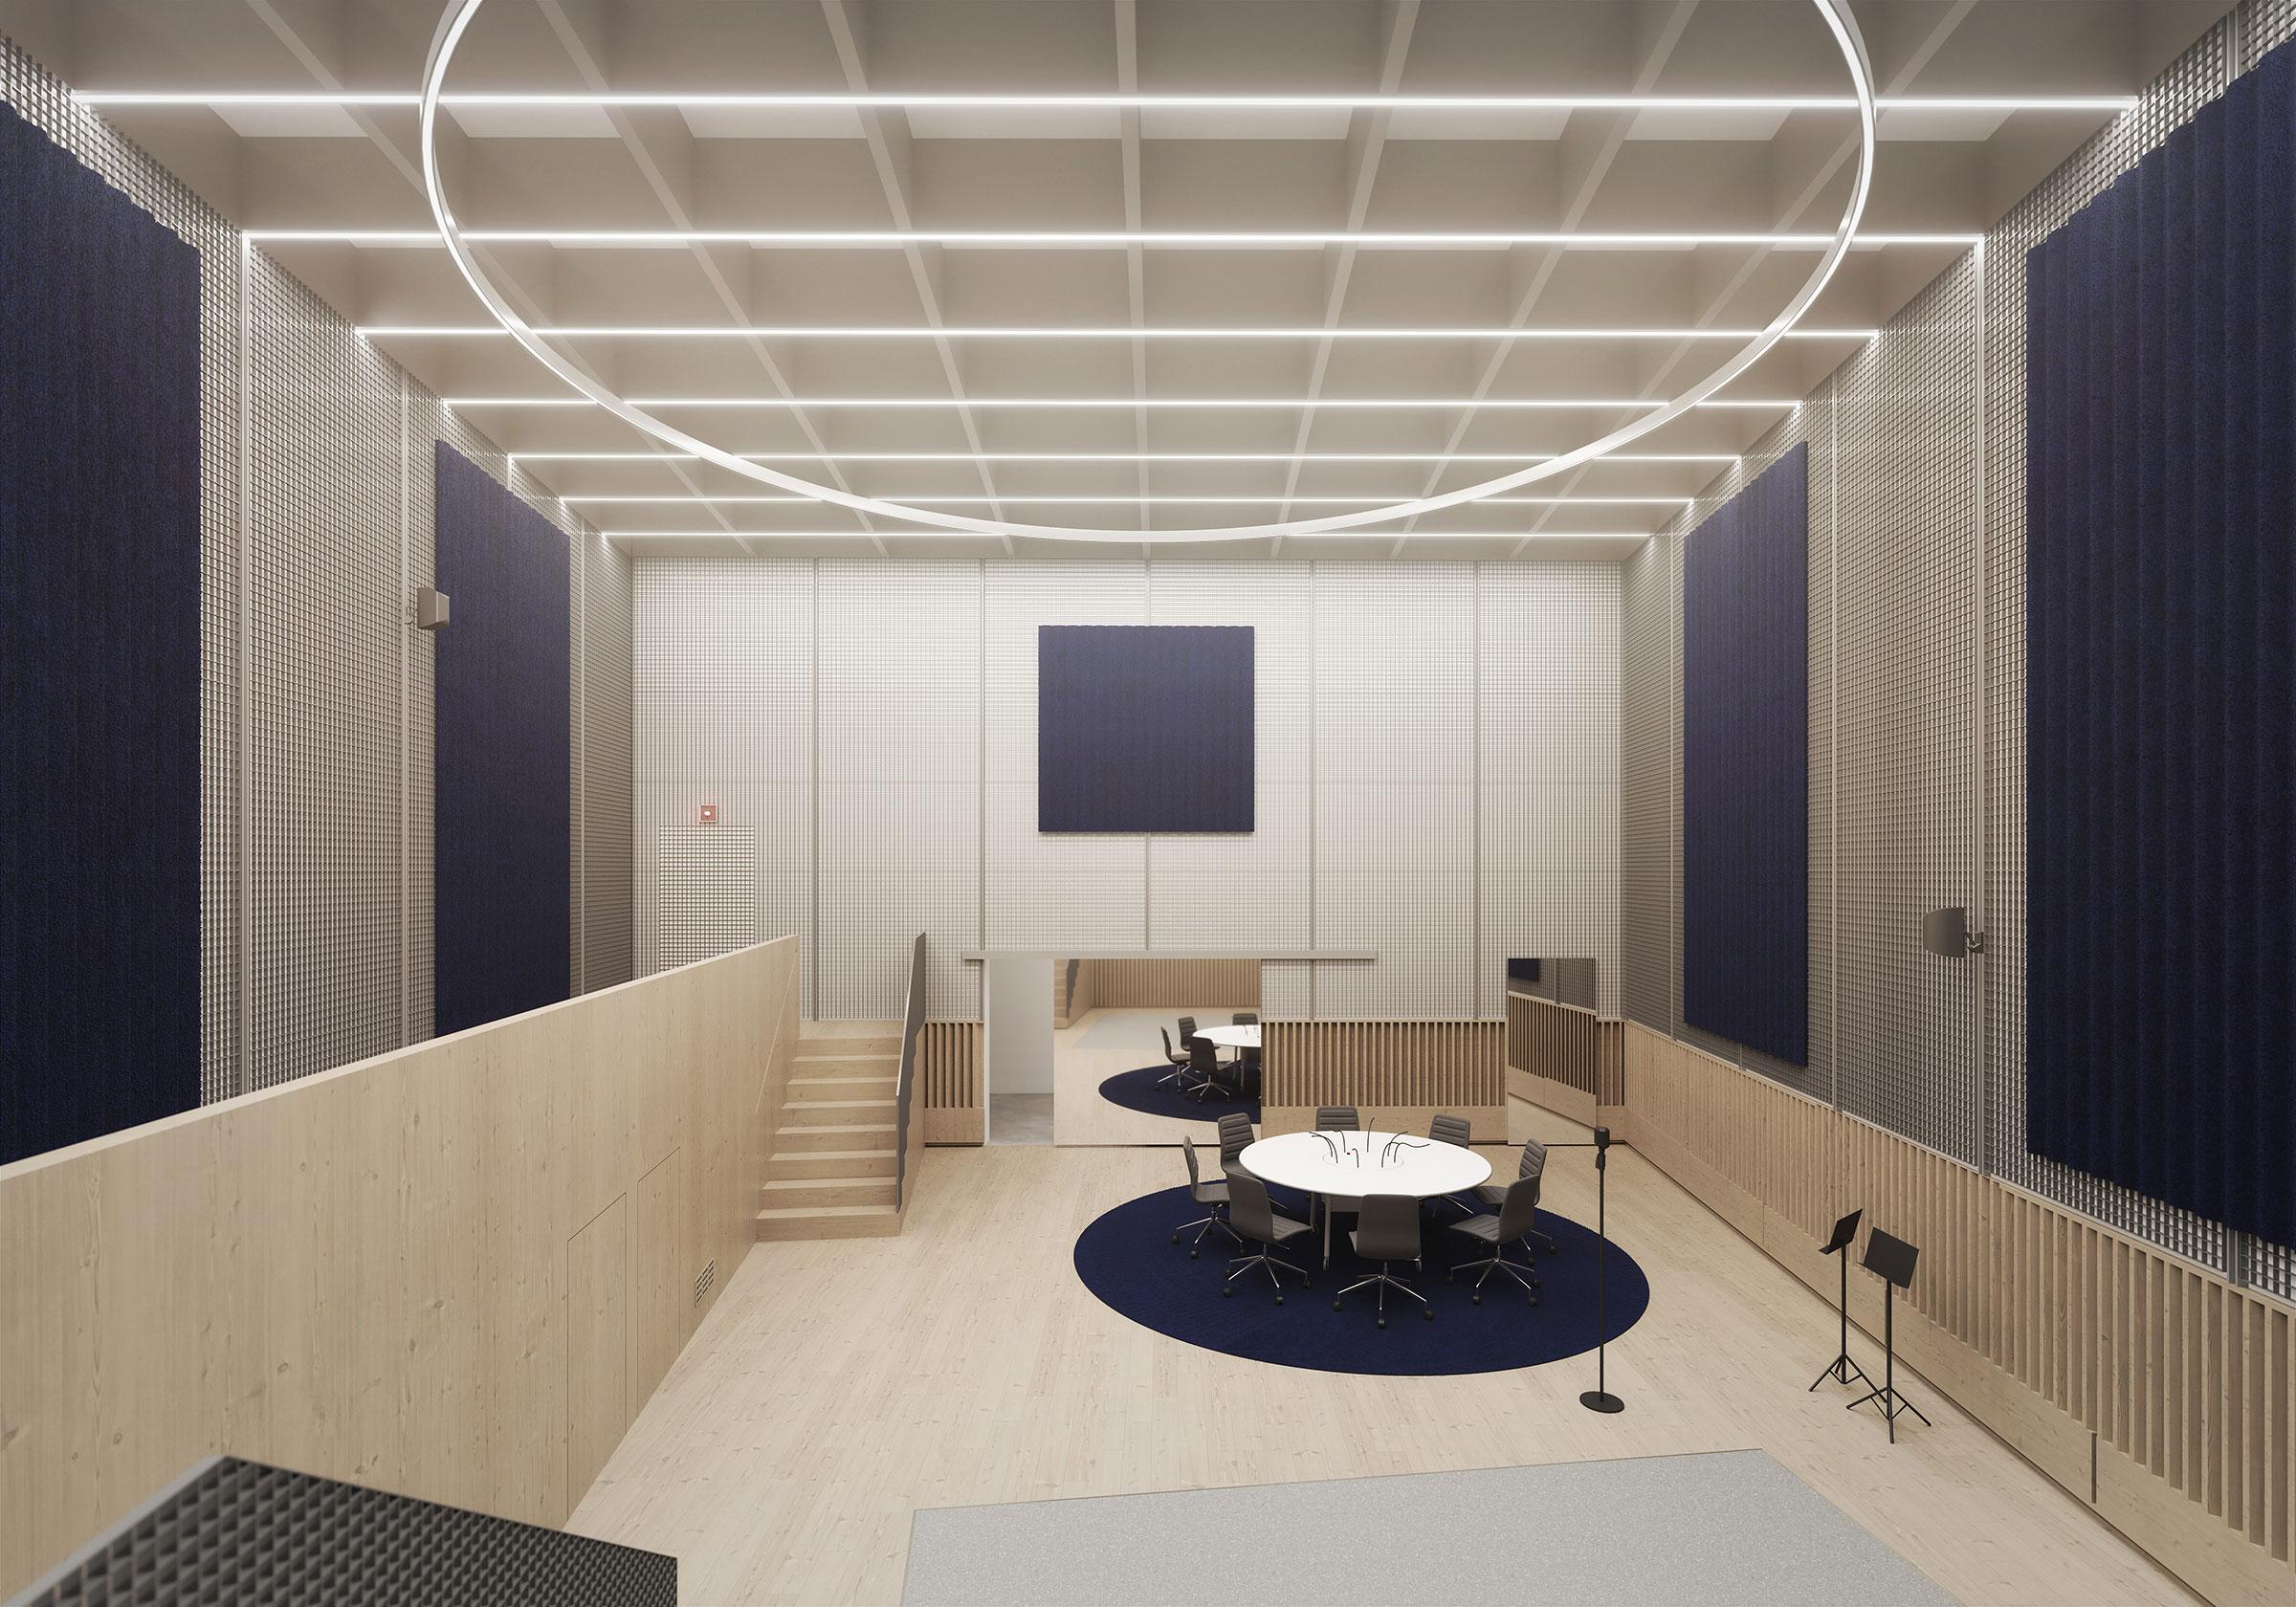 Perspective du studio 117 réalisée par LEMON SARL sur la base de l'avant-projet.<br />Consacrés principalement à la production de fictions radiophoniques, les studios 115, 116 et 117 seront équipés d'une chambre sourde.<br />© R architecture / WSP / RADIO FRANCE